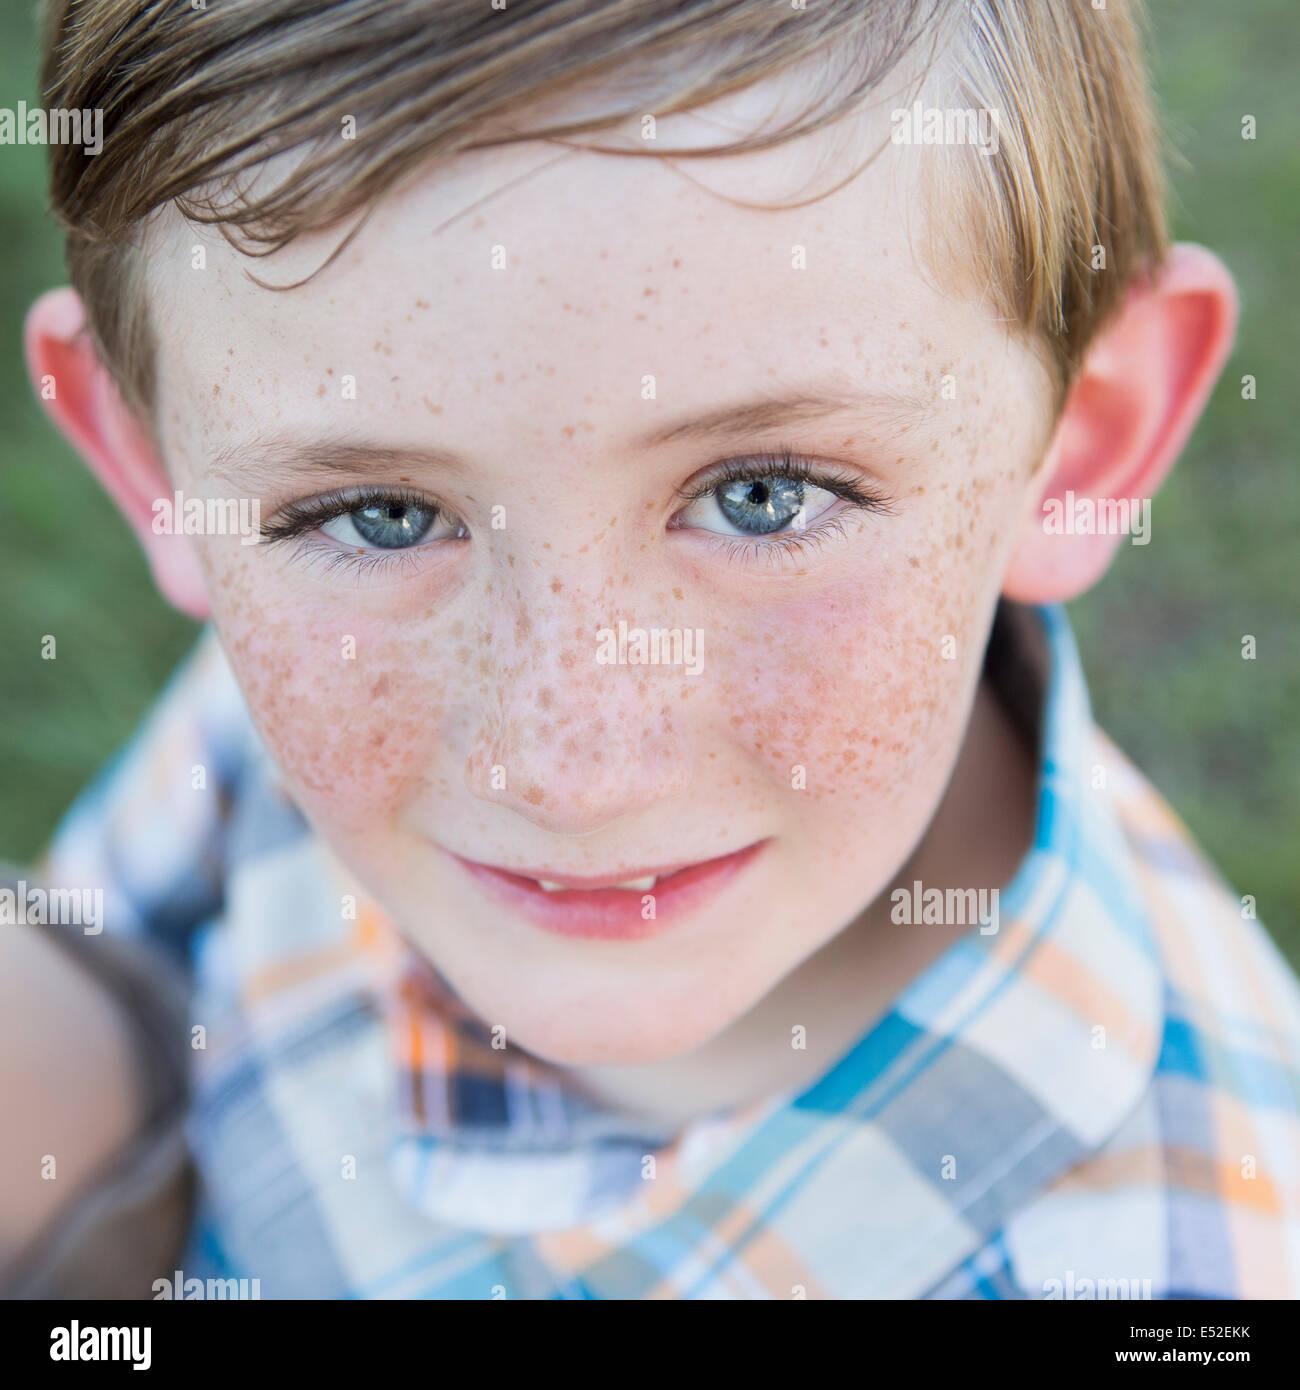 Portrait d'un jeune garçon avec des yeux bleus et des taches de rousseur sur son nez. Photo Stock